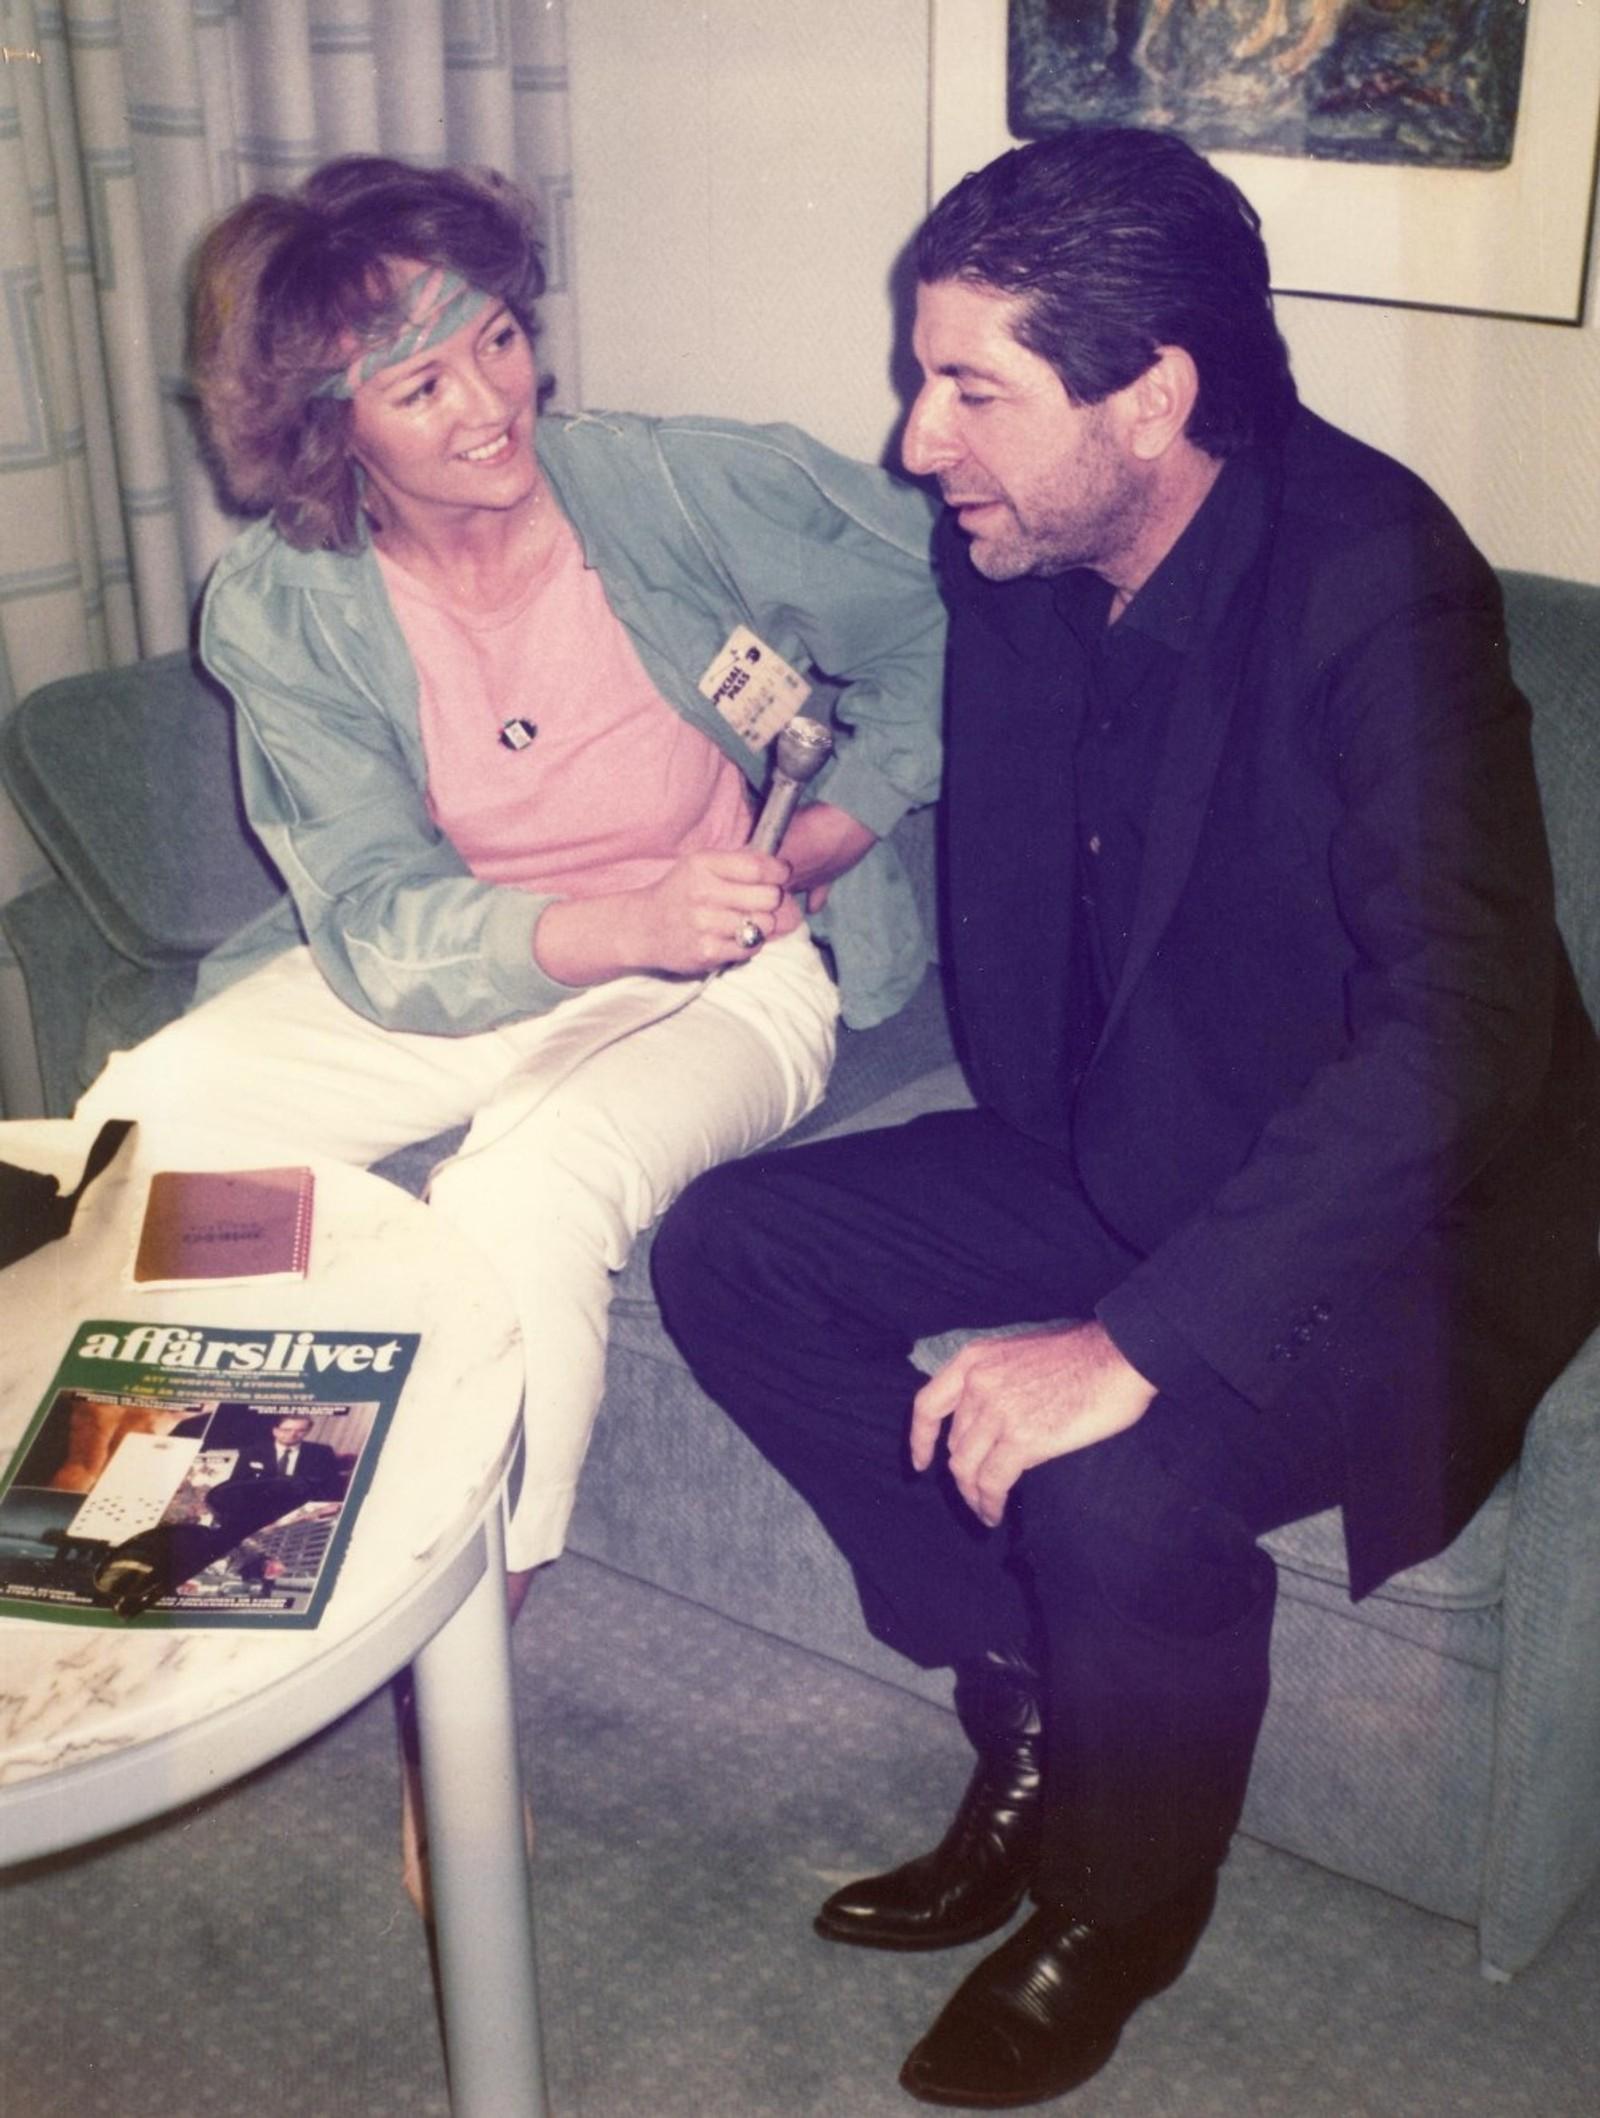 INTERVJU: Lisa Kristin Strindberg er én av de som har fått intervjue musikeren.